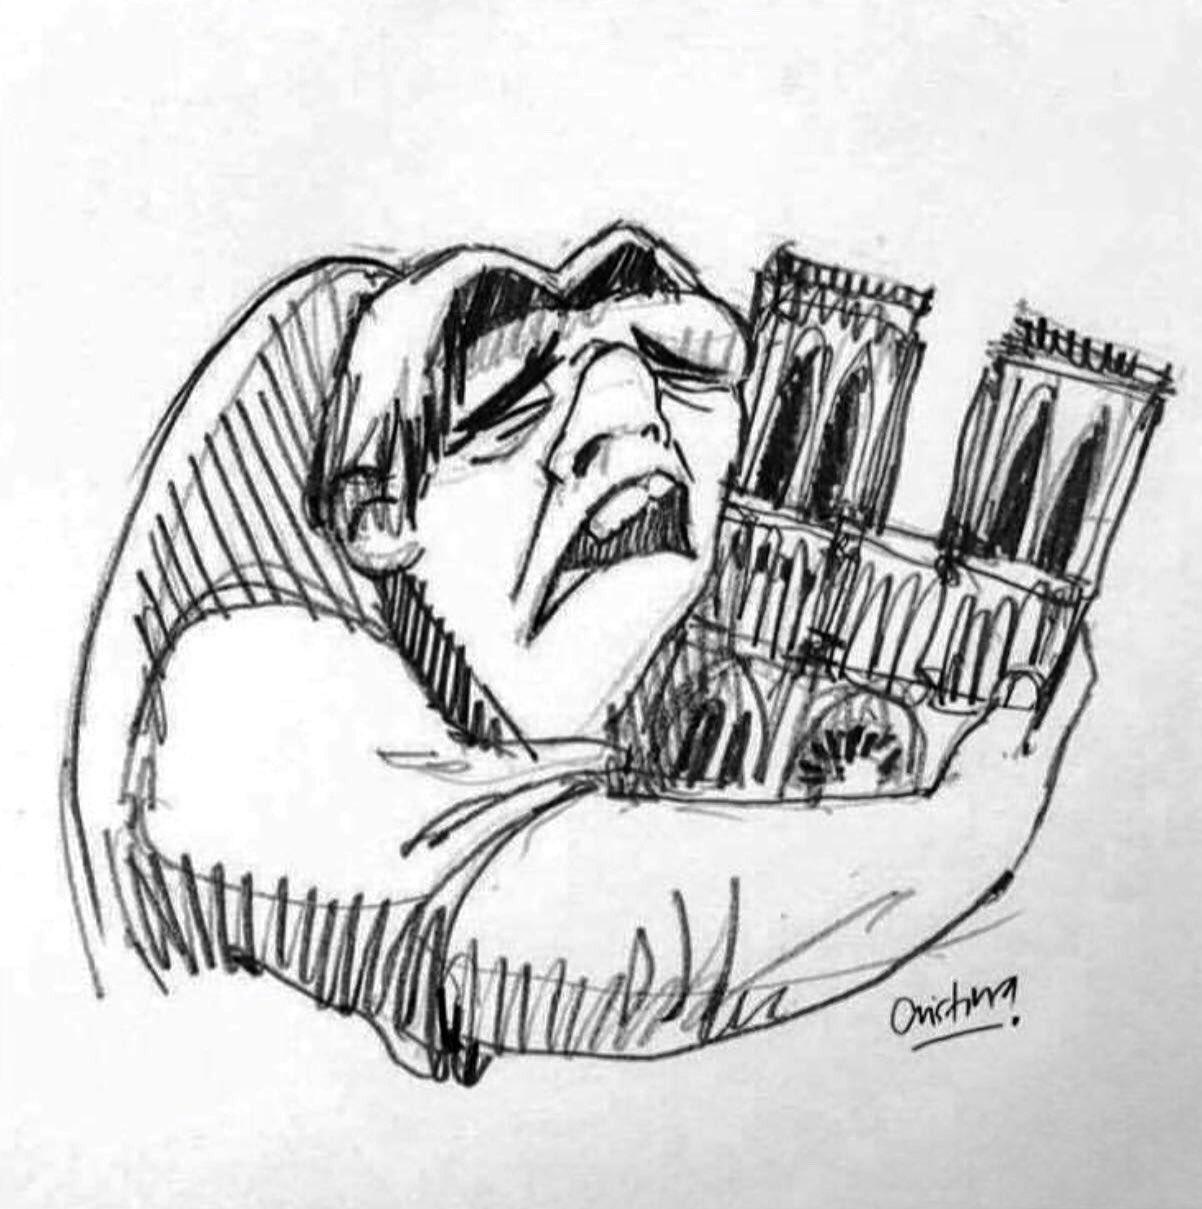 Mon dieu! C'est un désastre. Juste triste. 😔 #NotreDame #paris https://t.co/Orsgje0KwF